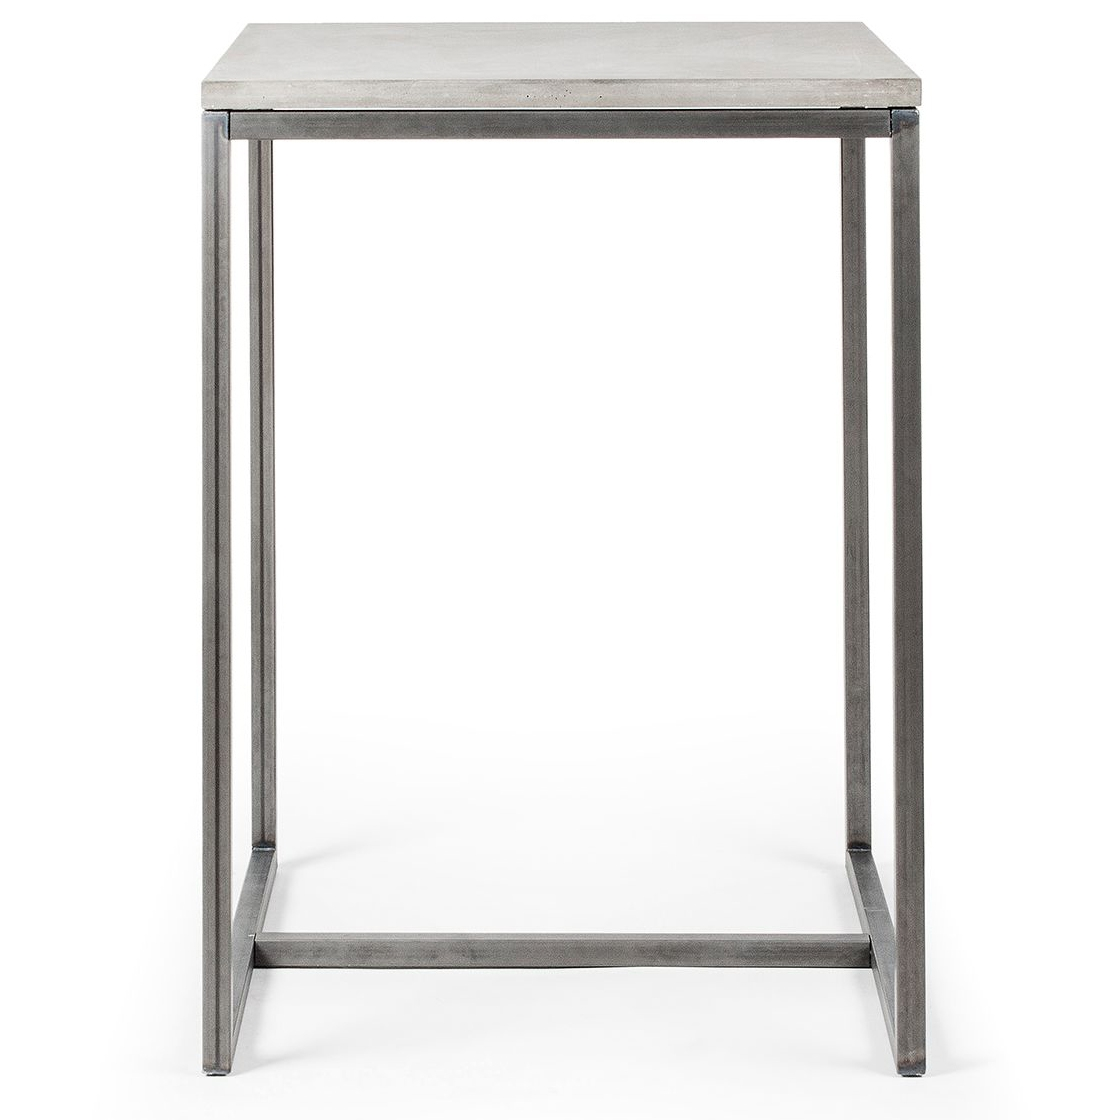 Lyon Beton kavárenské stoly Perspective